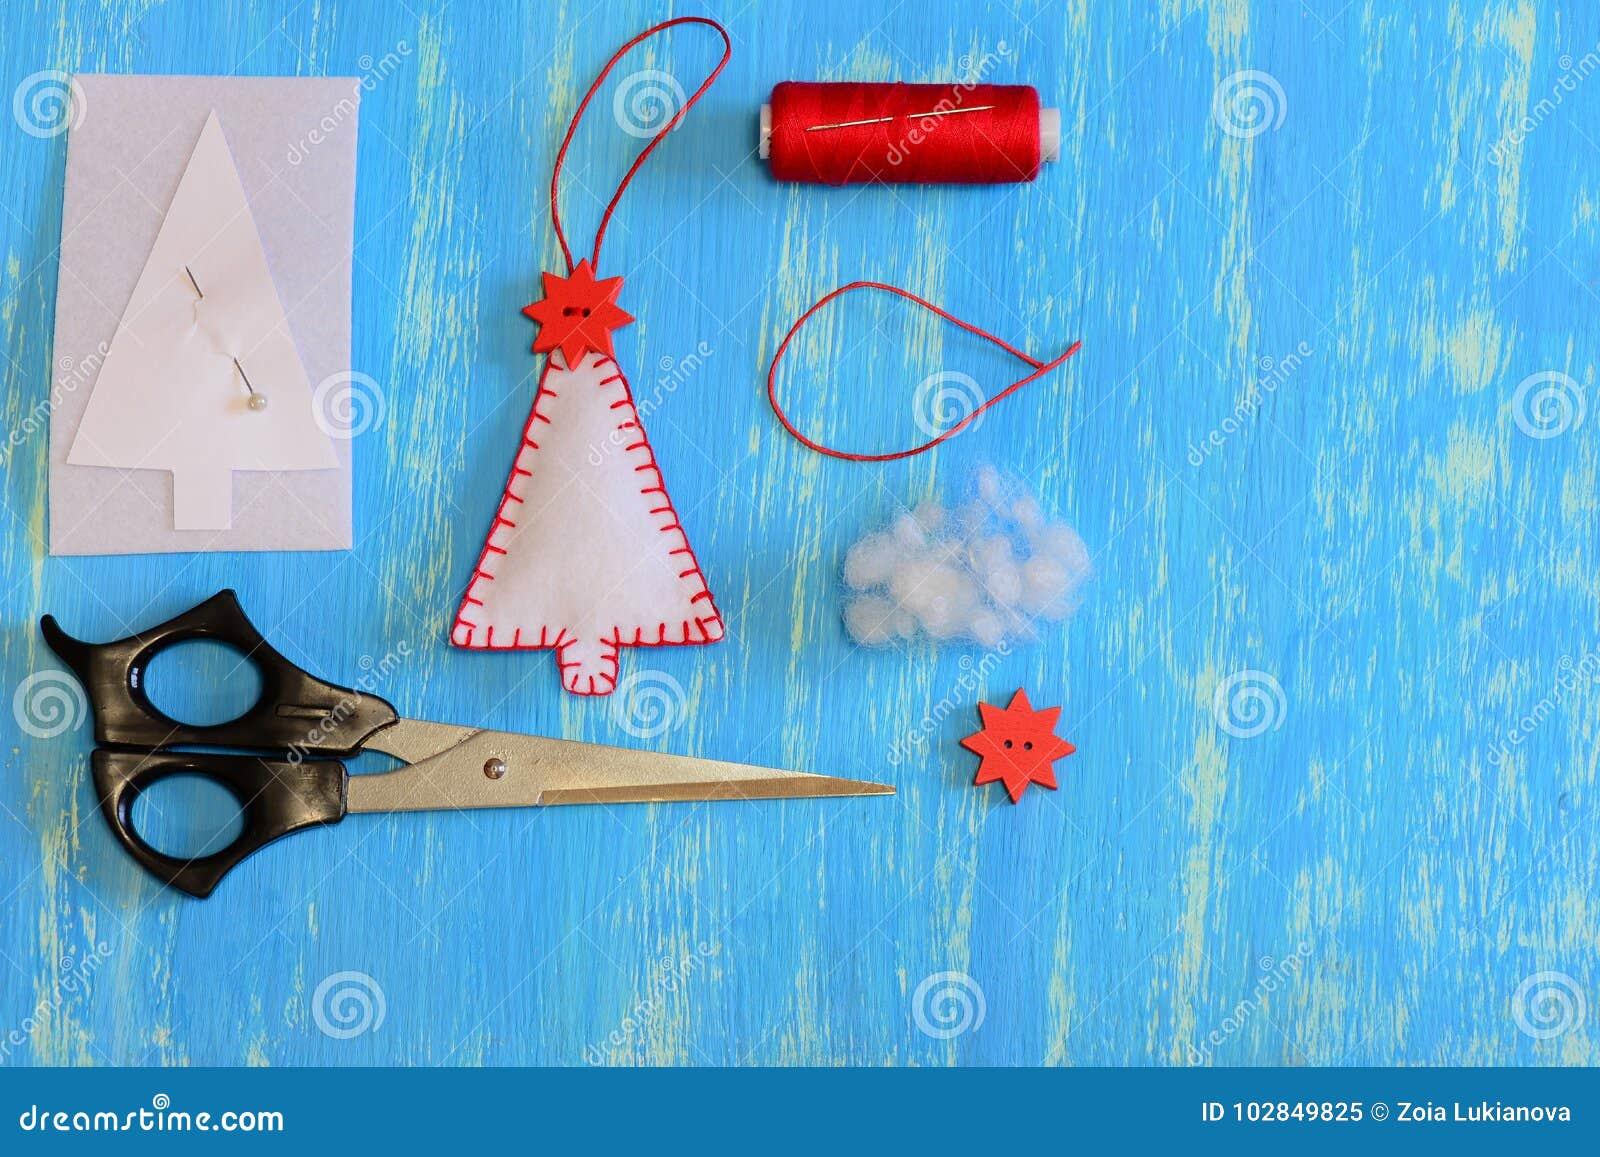 Homemade Felt Christmas Tree Paper Template Felt Thread Needle